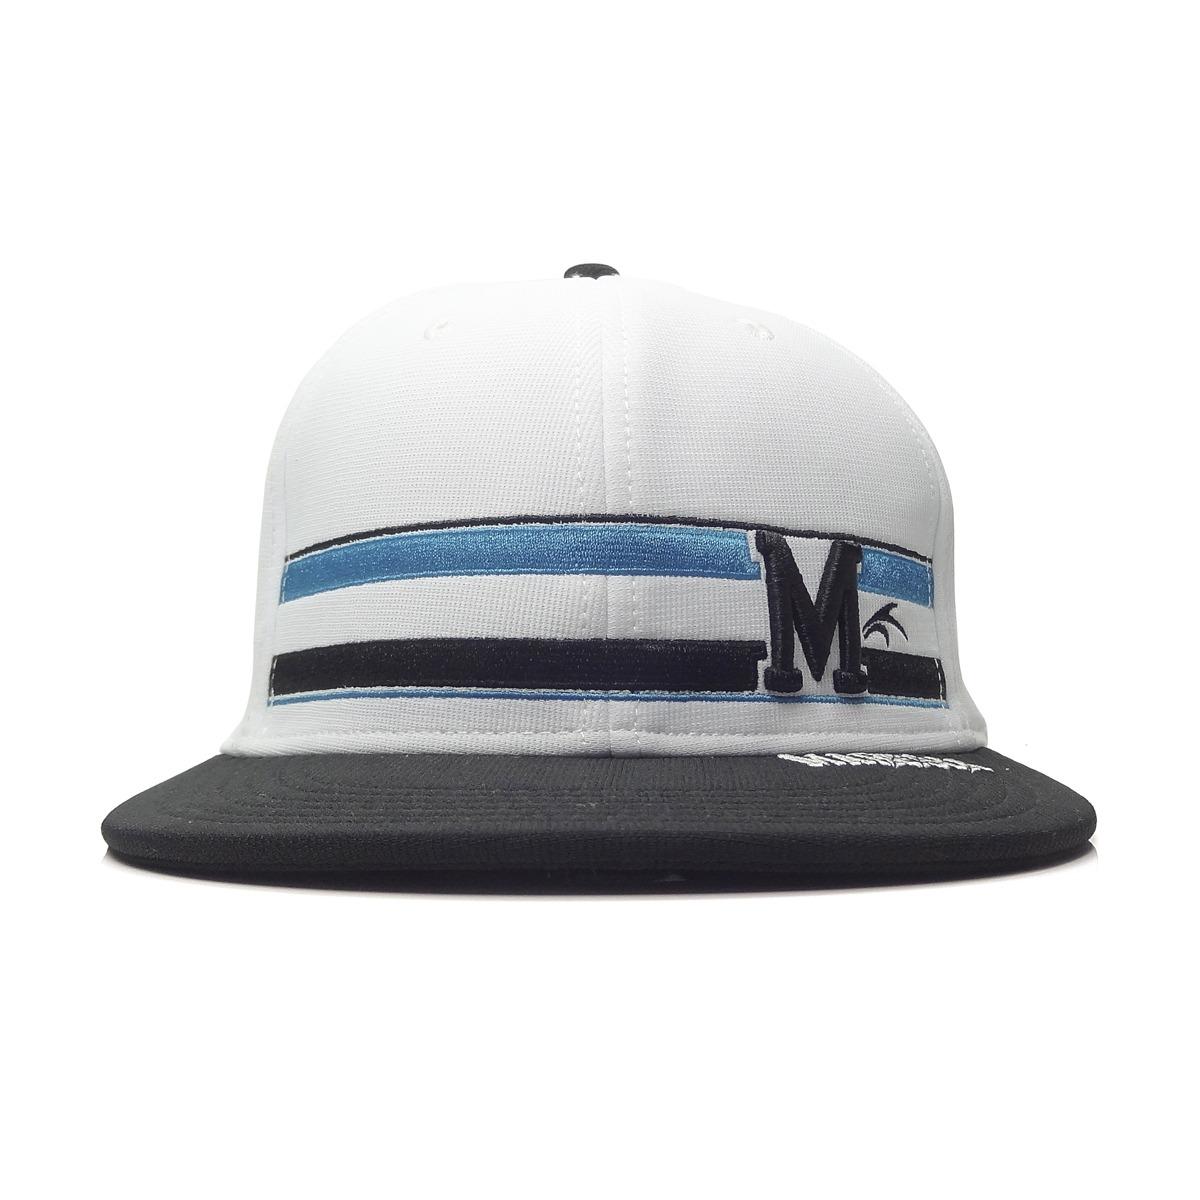 boné maresia aba reta heardwear white black and blue. Carregando zoom. 5e94a76aee7